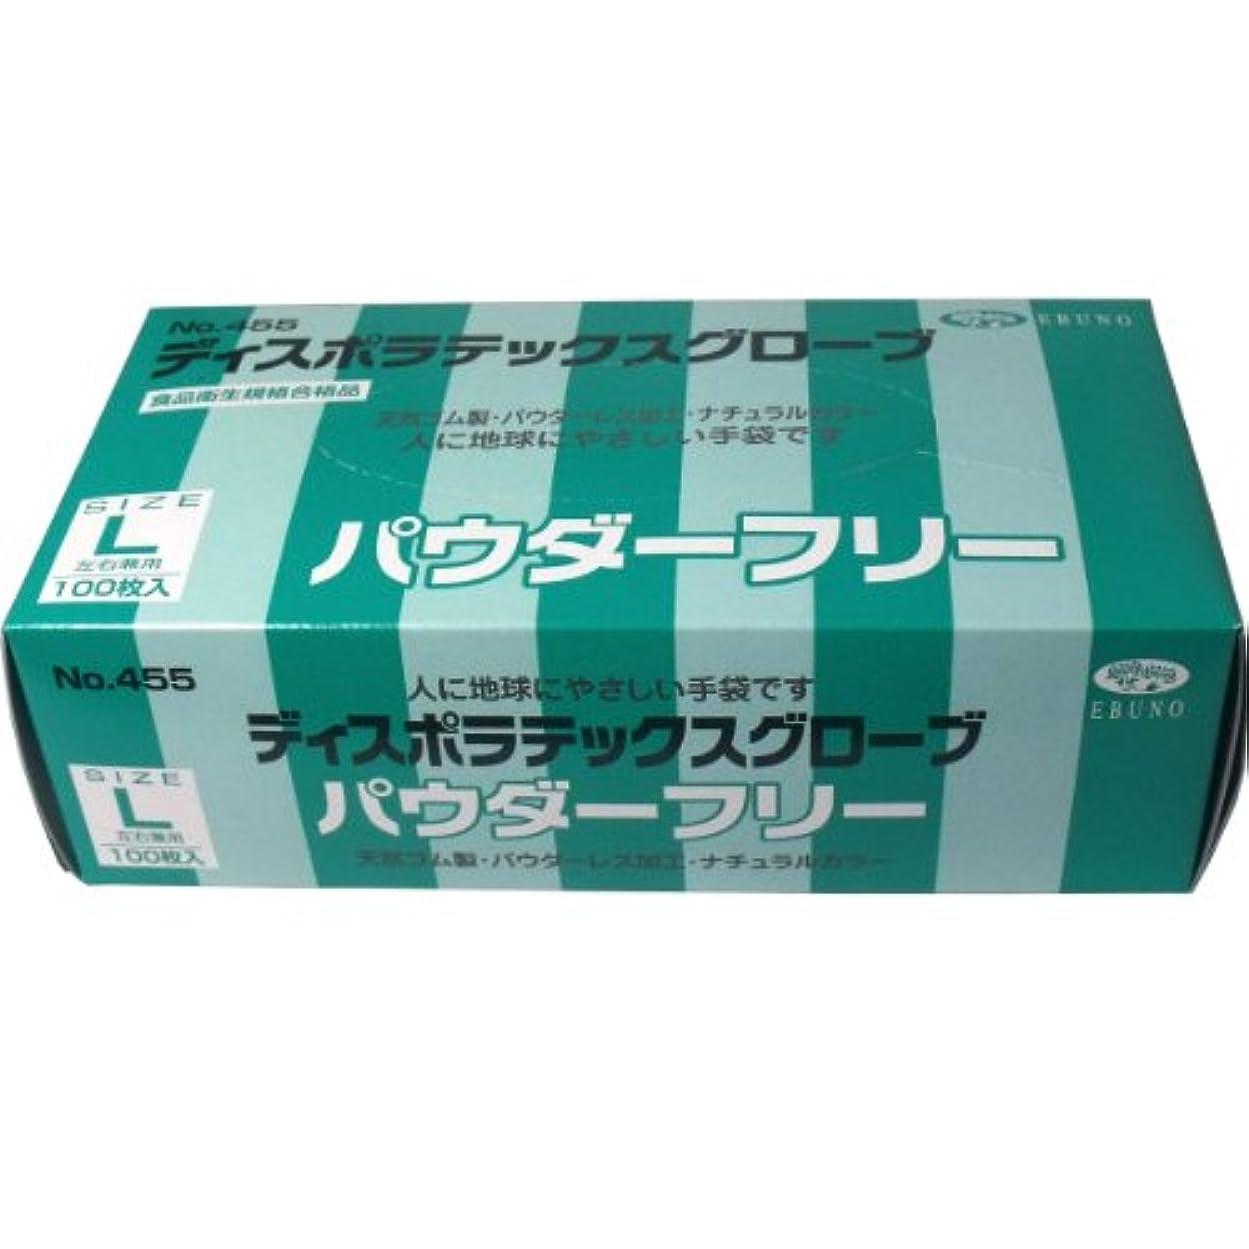 専門純正フォークディスポ ラテックスグローブ(天然ゴム手袋) パウダーフリー Lサイズ 100枚入×2個セット